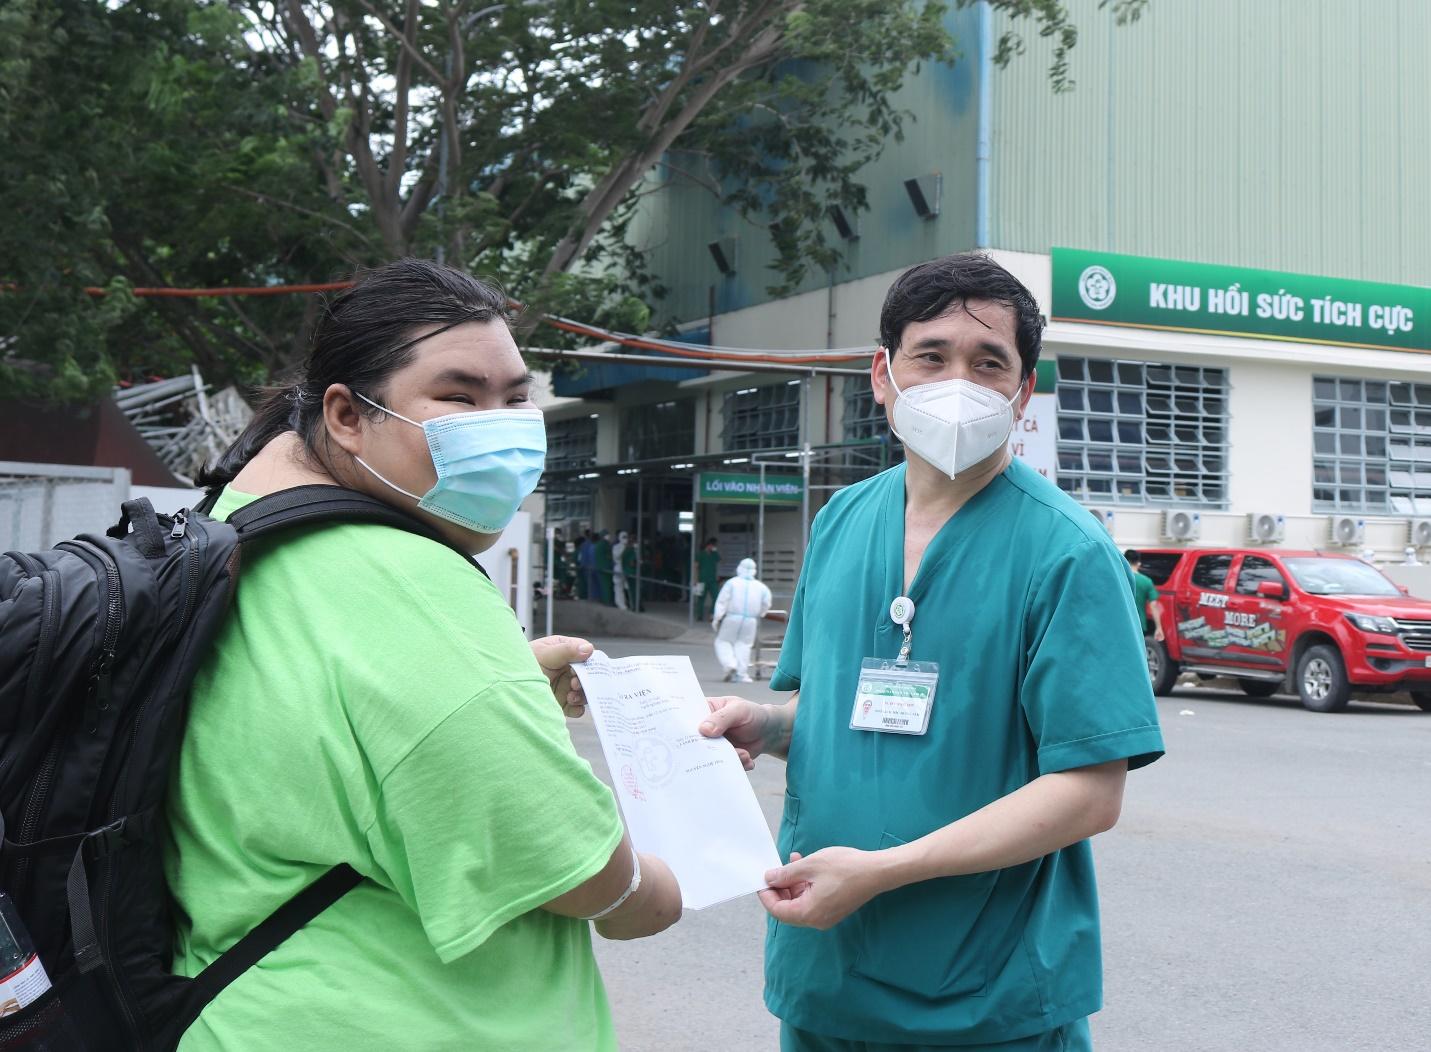 Tiến sĩ Đỗ Ngọc Sơn trao giấy ra viện cho một bệnh nhân 24 tuổi, nặng 130 kg, mác Covid-19 rất nặng, được cứu sống tại Trung tâm. Ảnh: Thành Dương